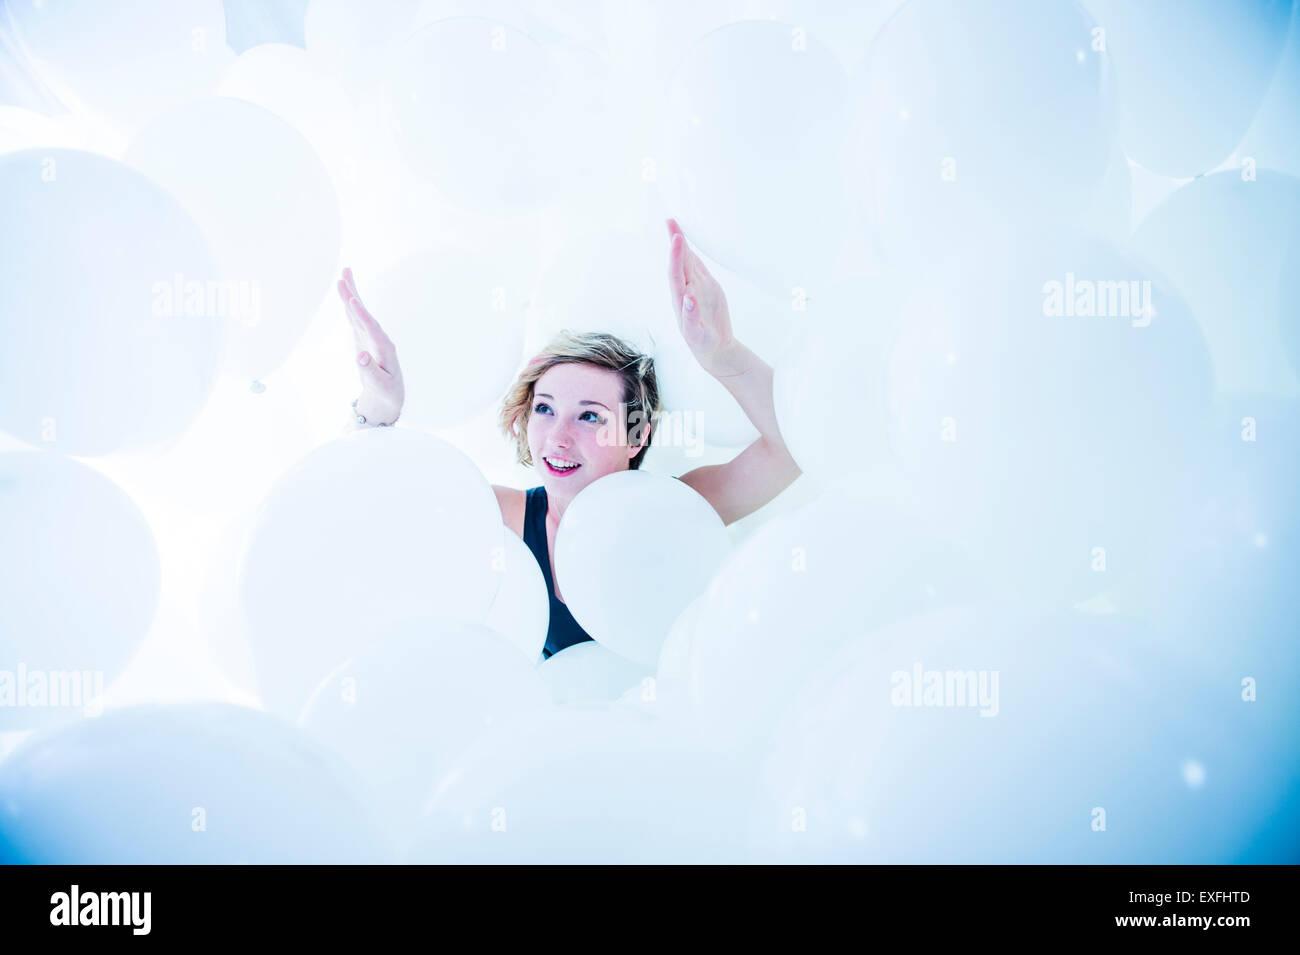 Globophobia: a happy smiling young woman girl seul dans un nuage de centaines de ballons blancs - après Photo Stock